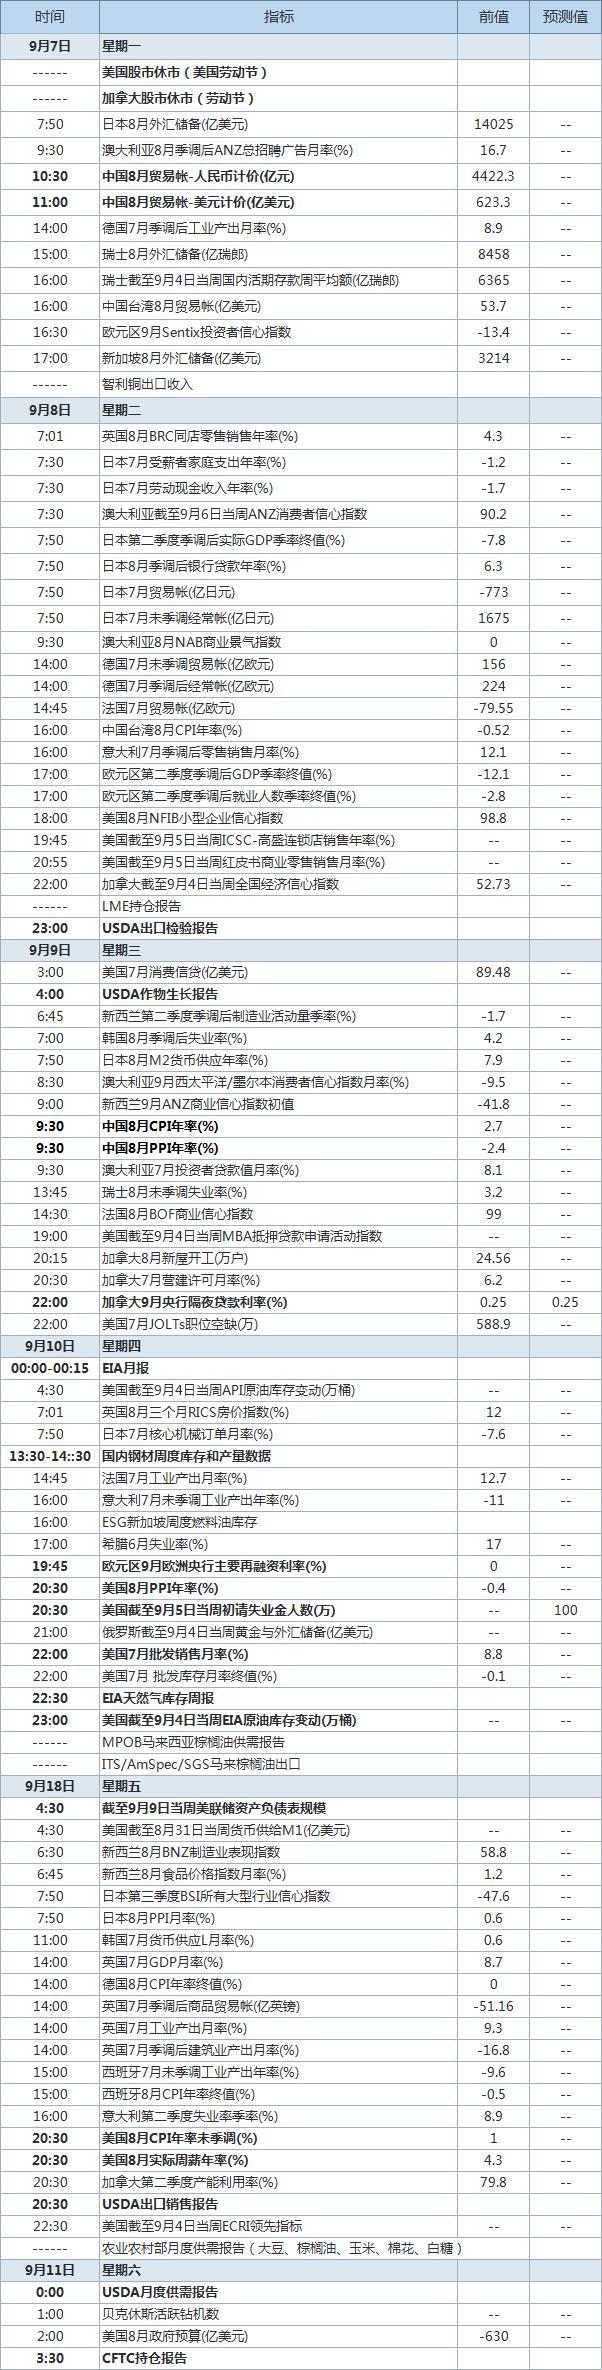 本周中国多项经济数据集中发布 欧洲央行公布利率决议